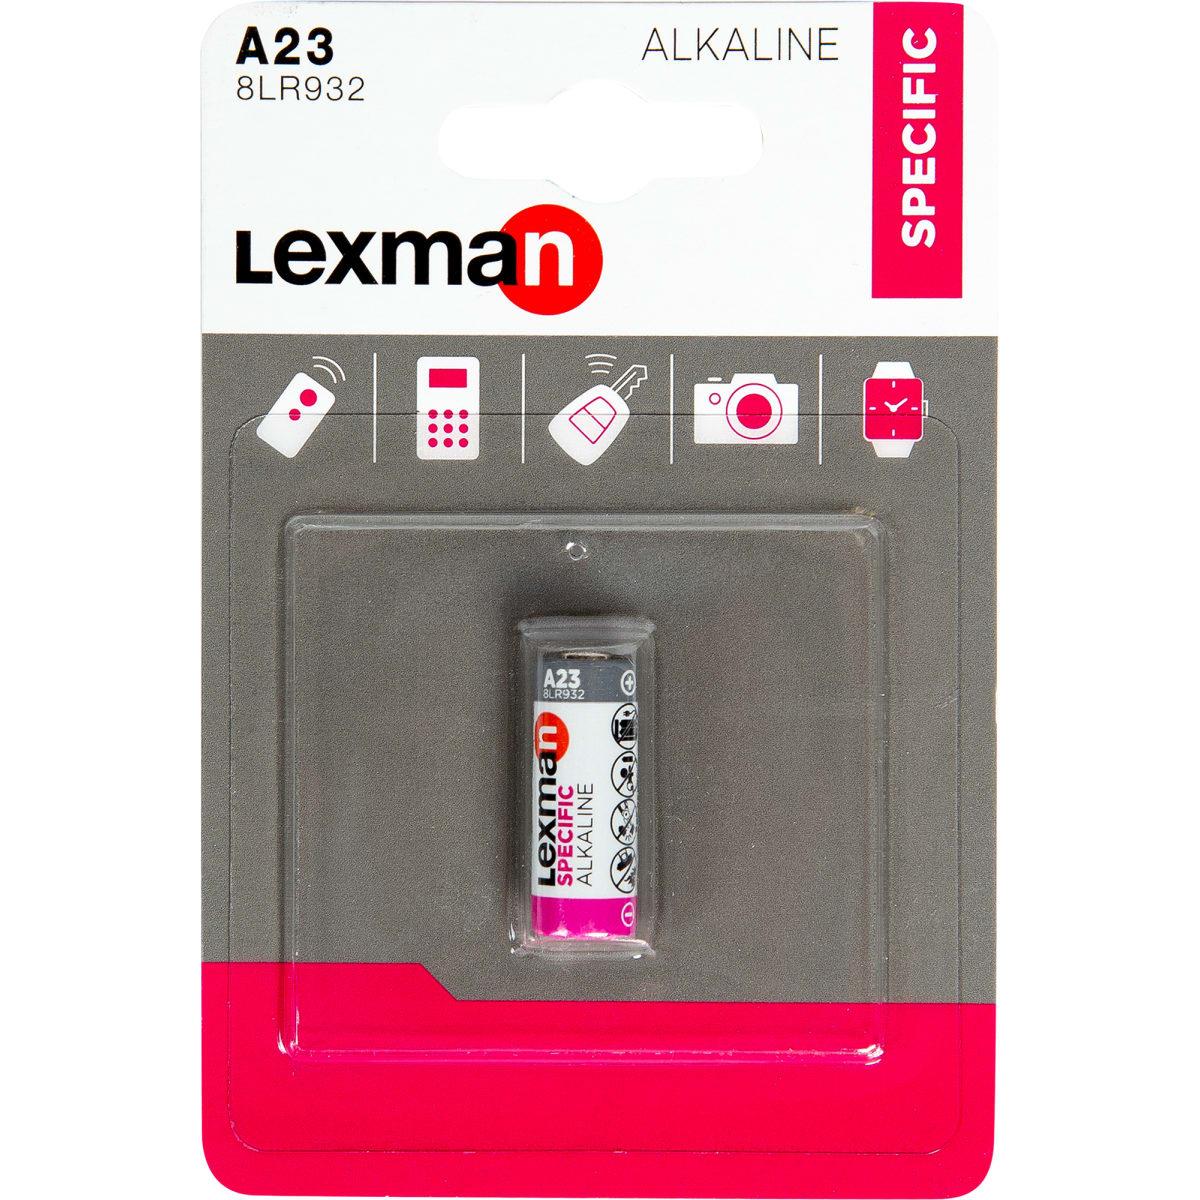 Батарейка алкалиновая Lexman V23, 1 шт.